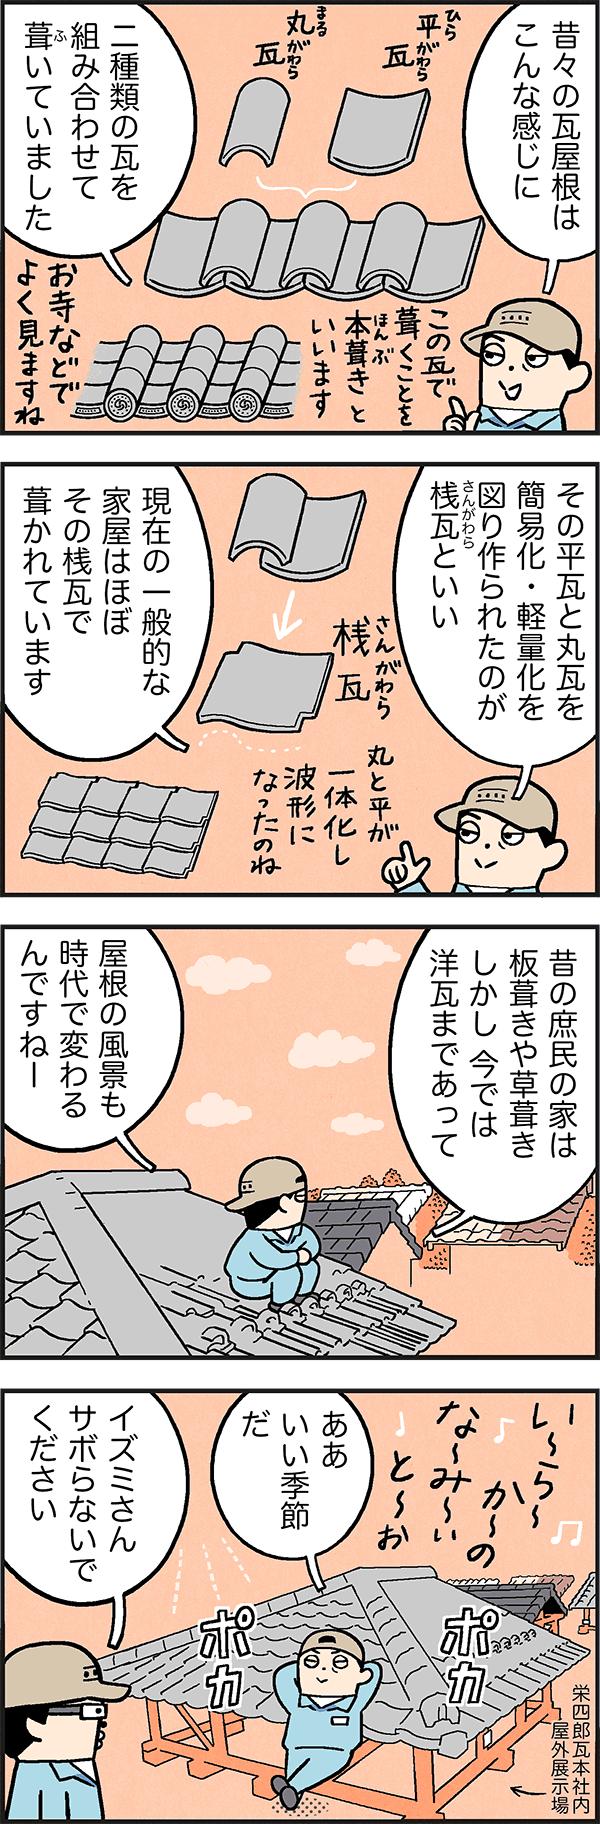 いらかの波今昔